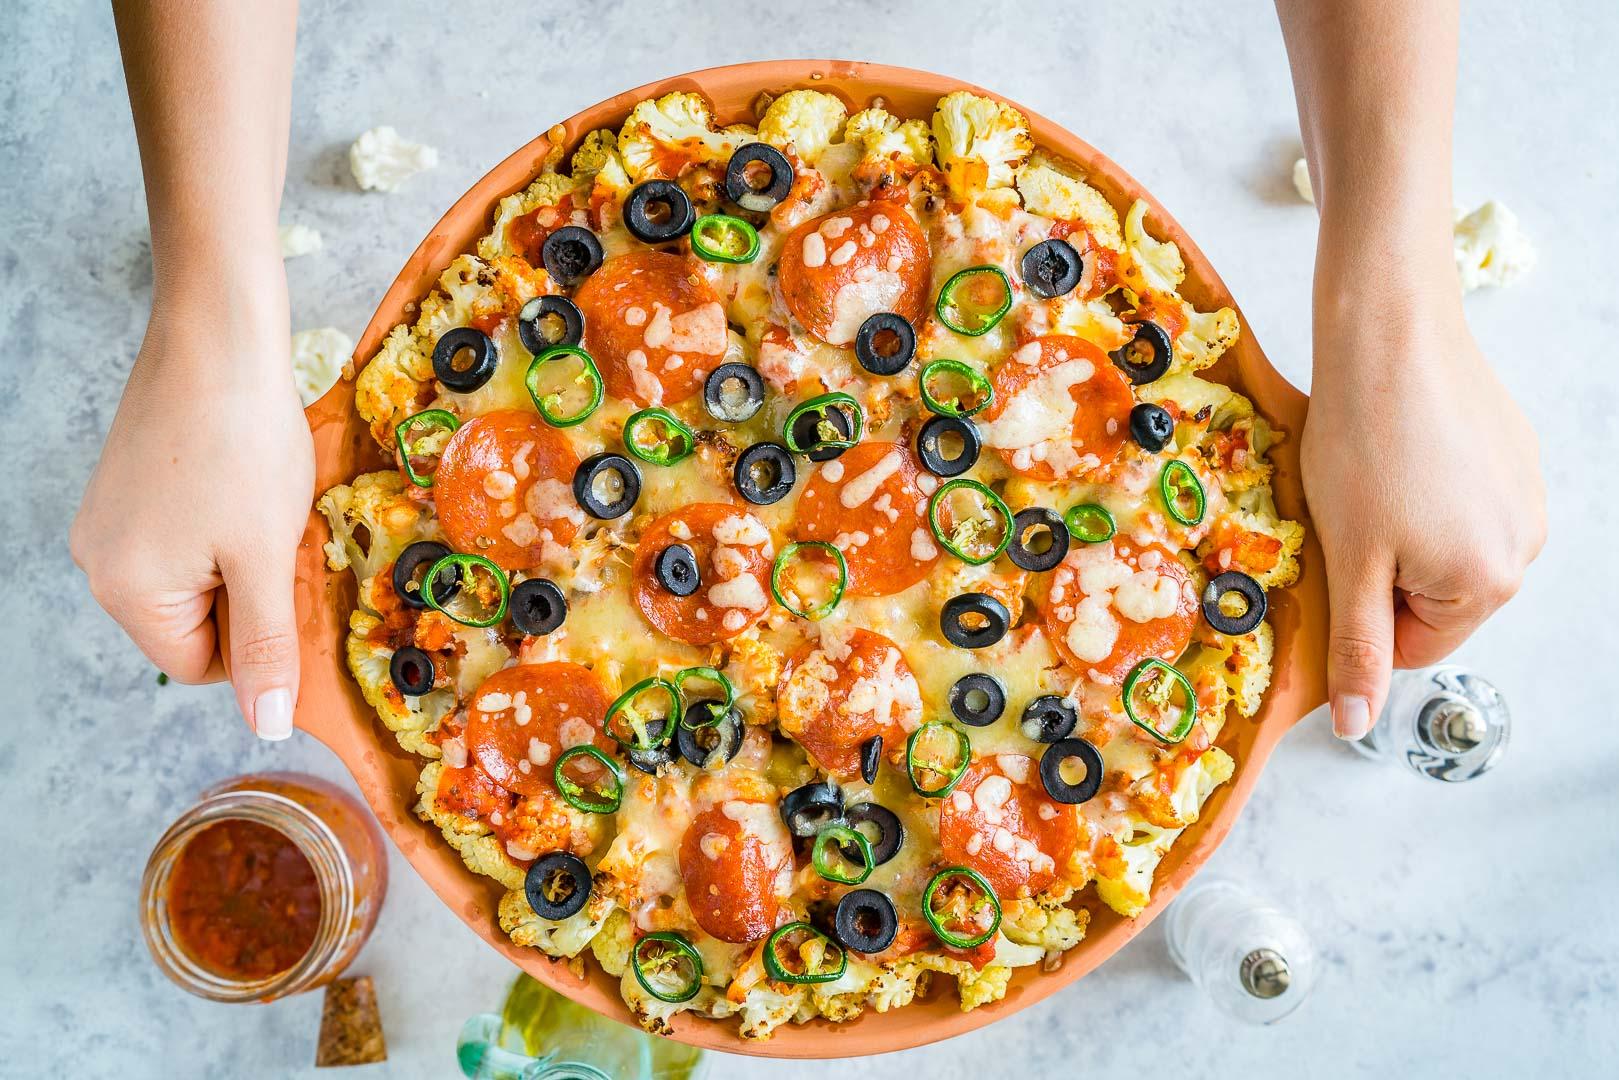 Healthy Cauliflower Pizza Bake